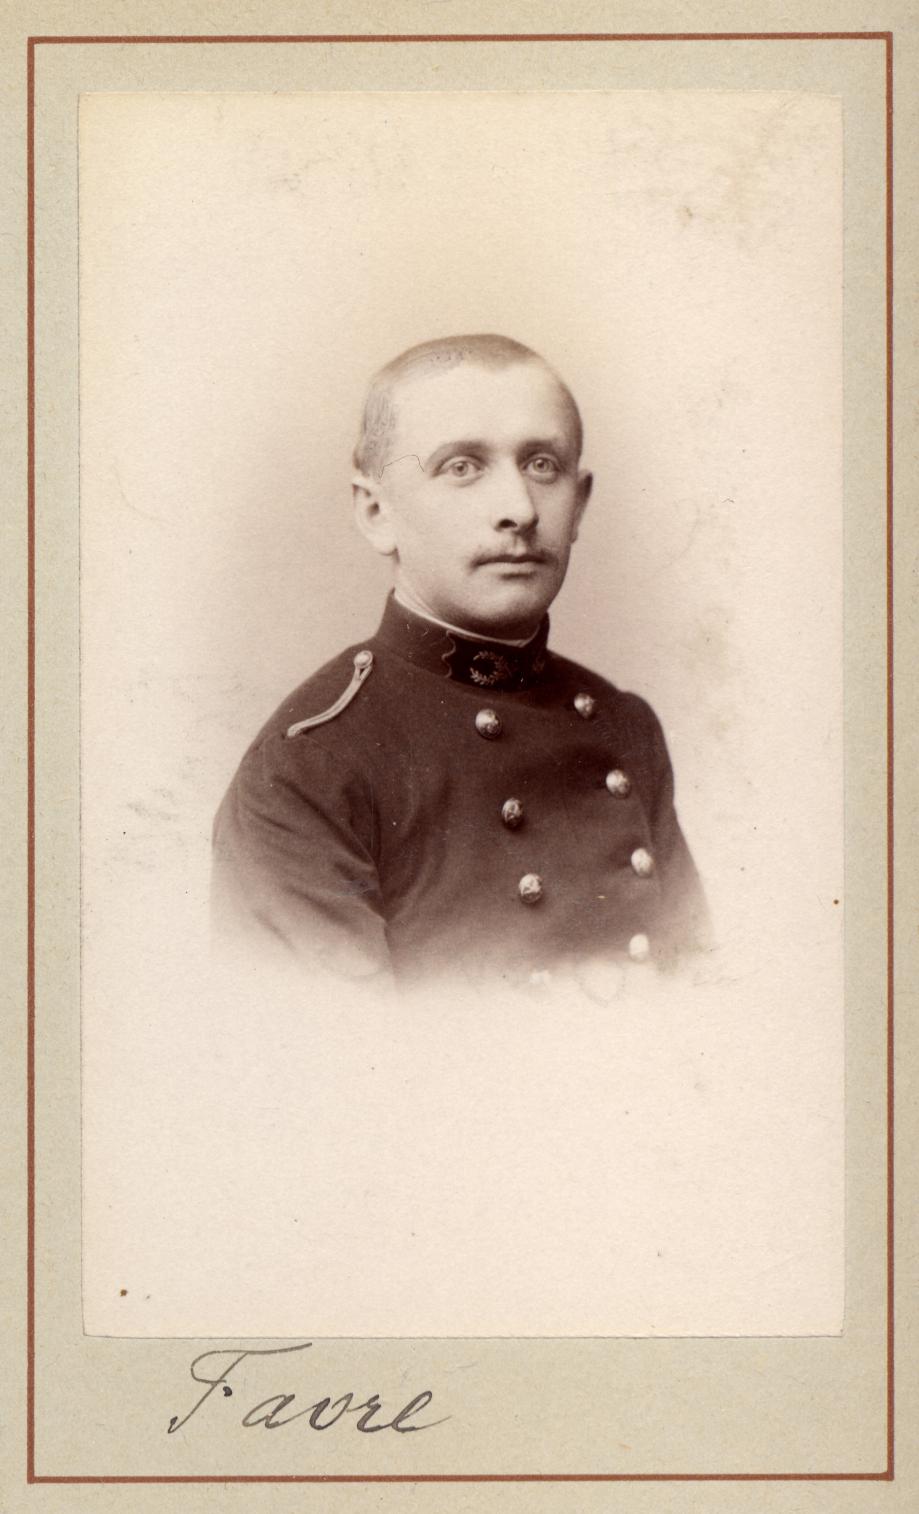 1897 Favre Edouard X 1897 BEST0014346440001_59684983.jpg